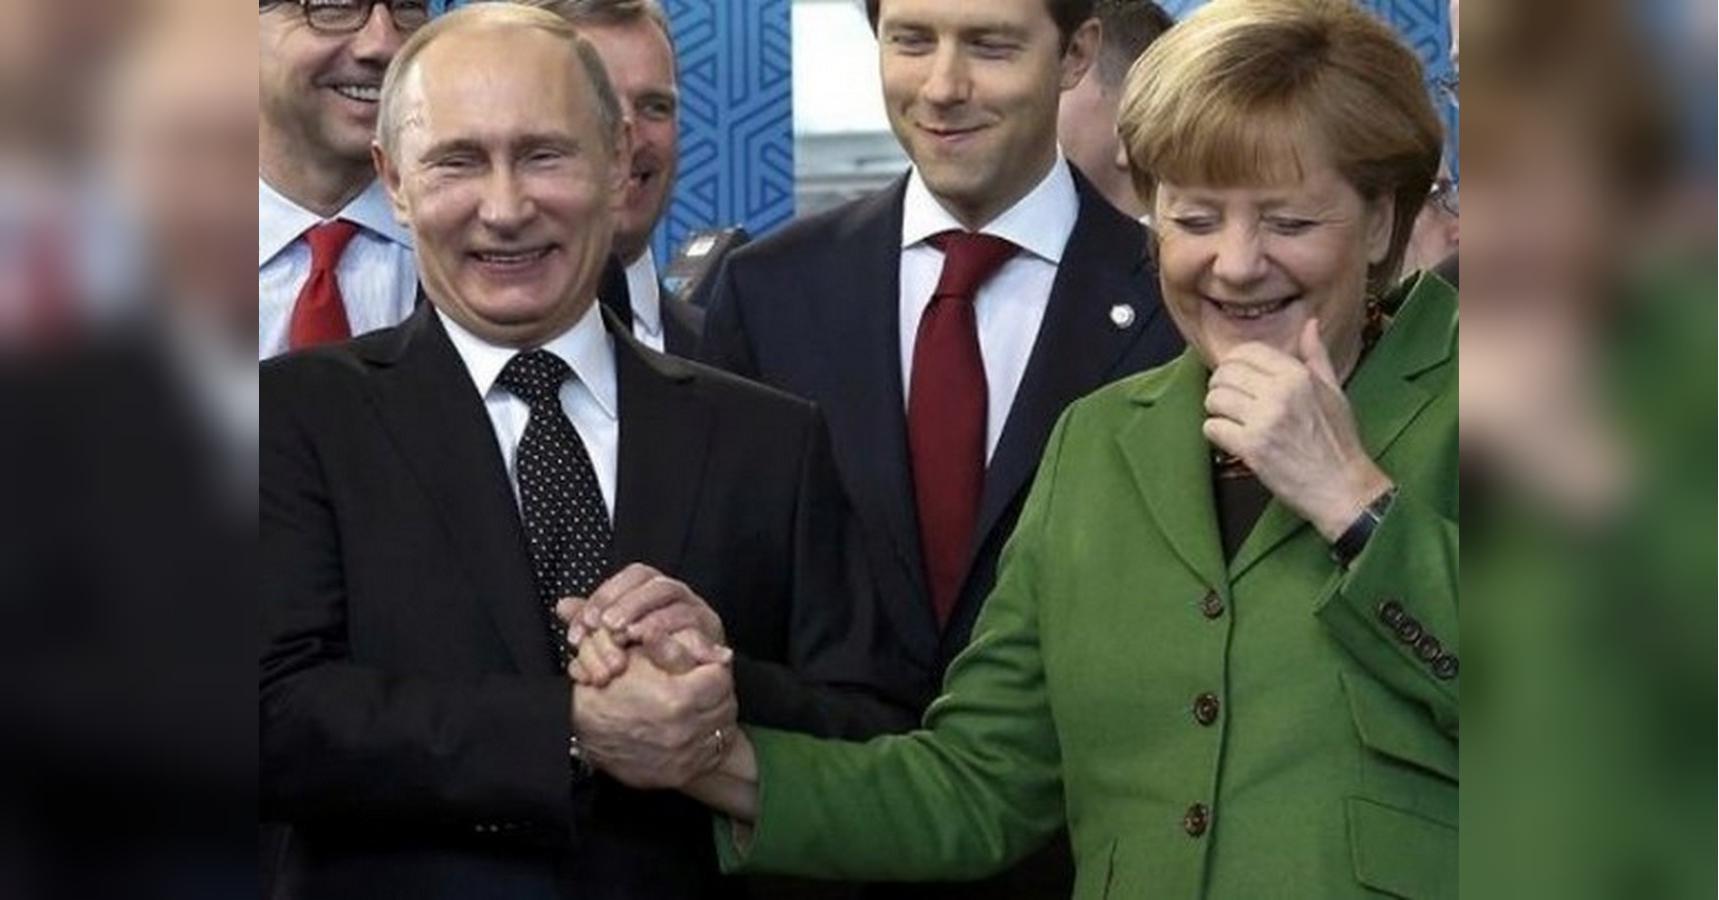 Поздравление, смешные картинки о германии